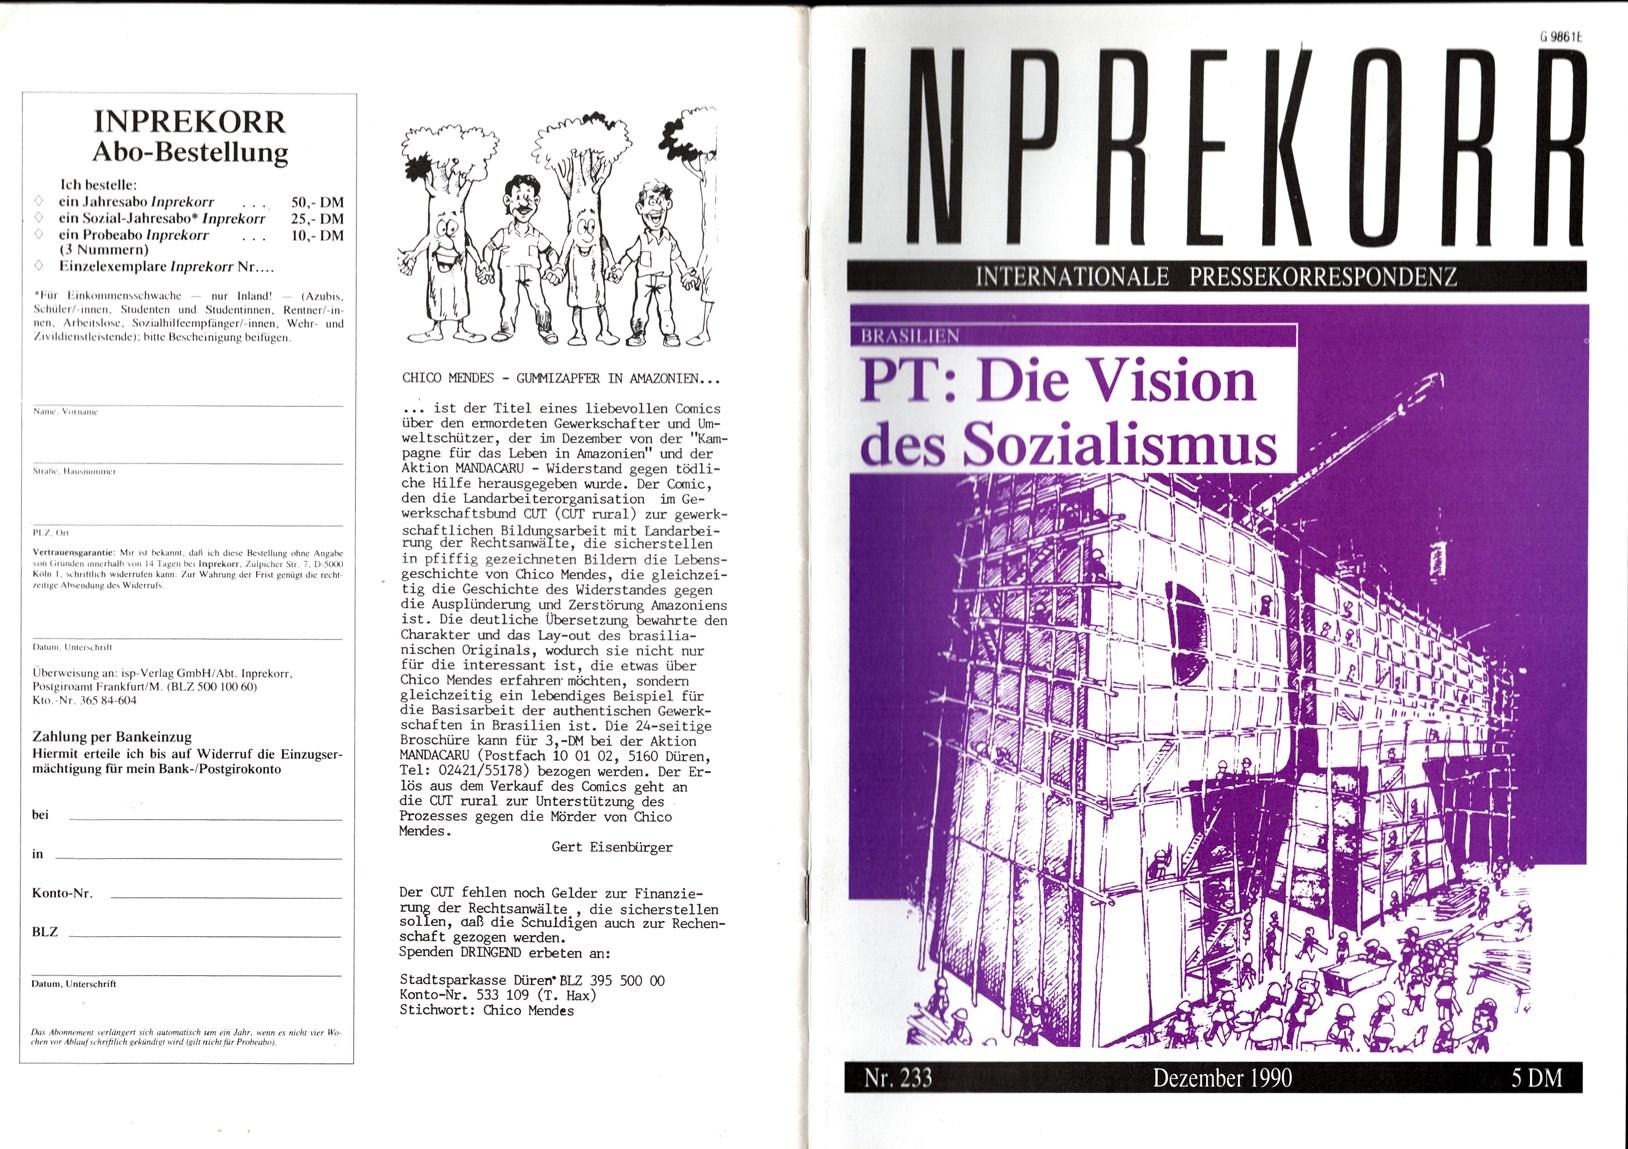 Inprekorr_19901200_233_001